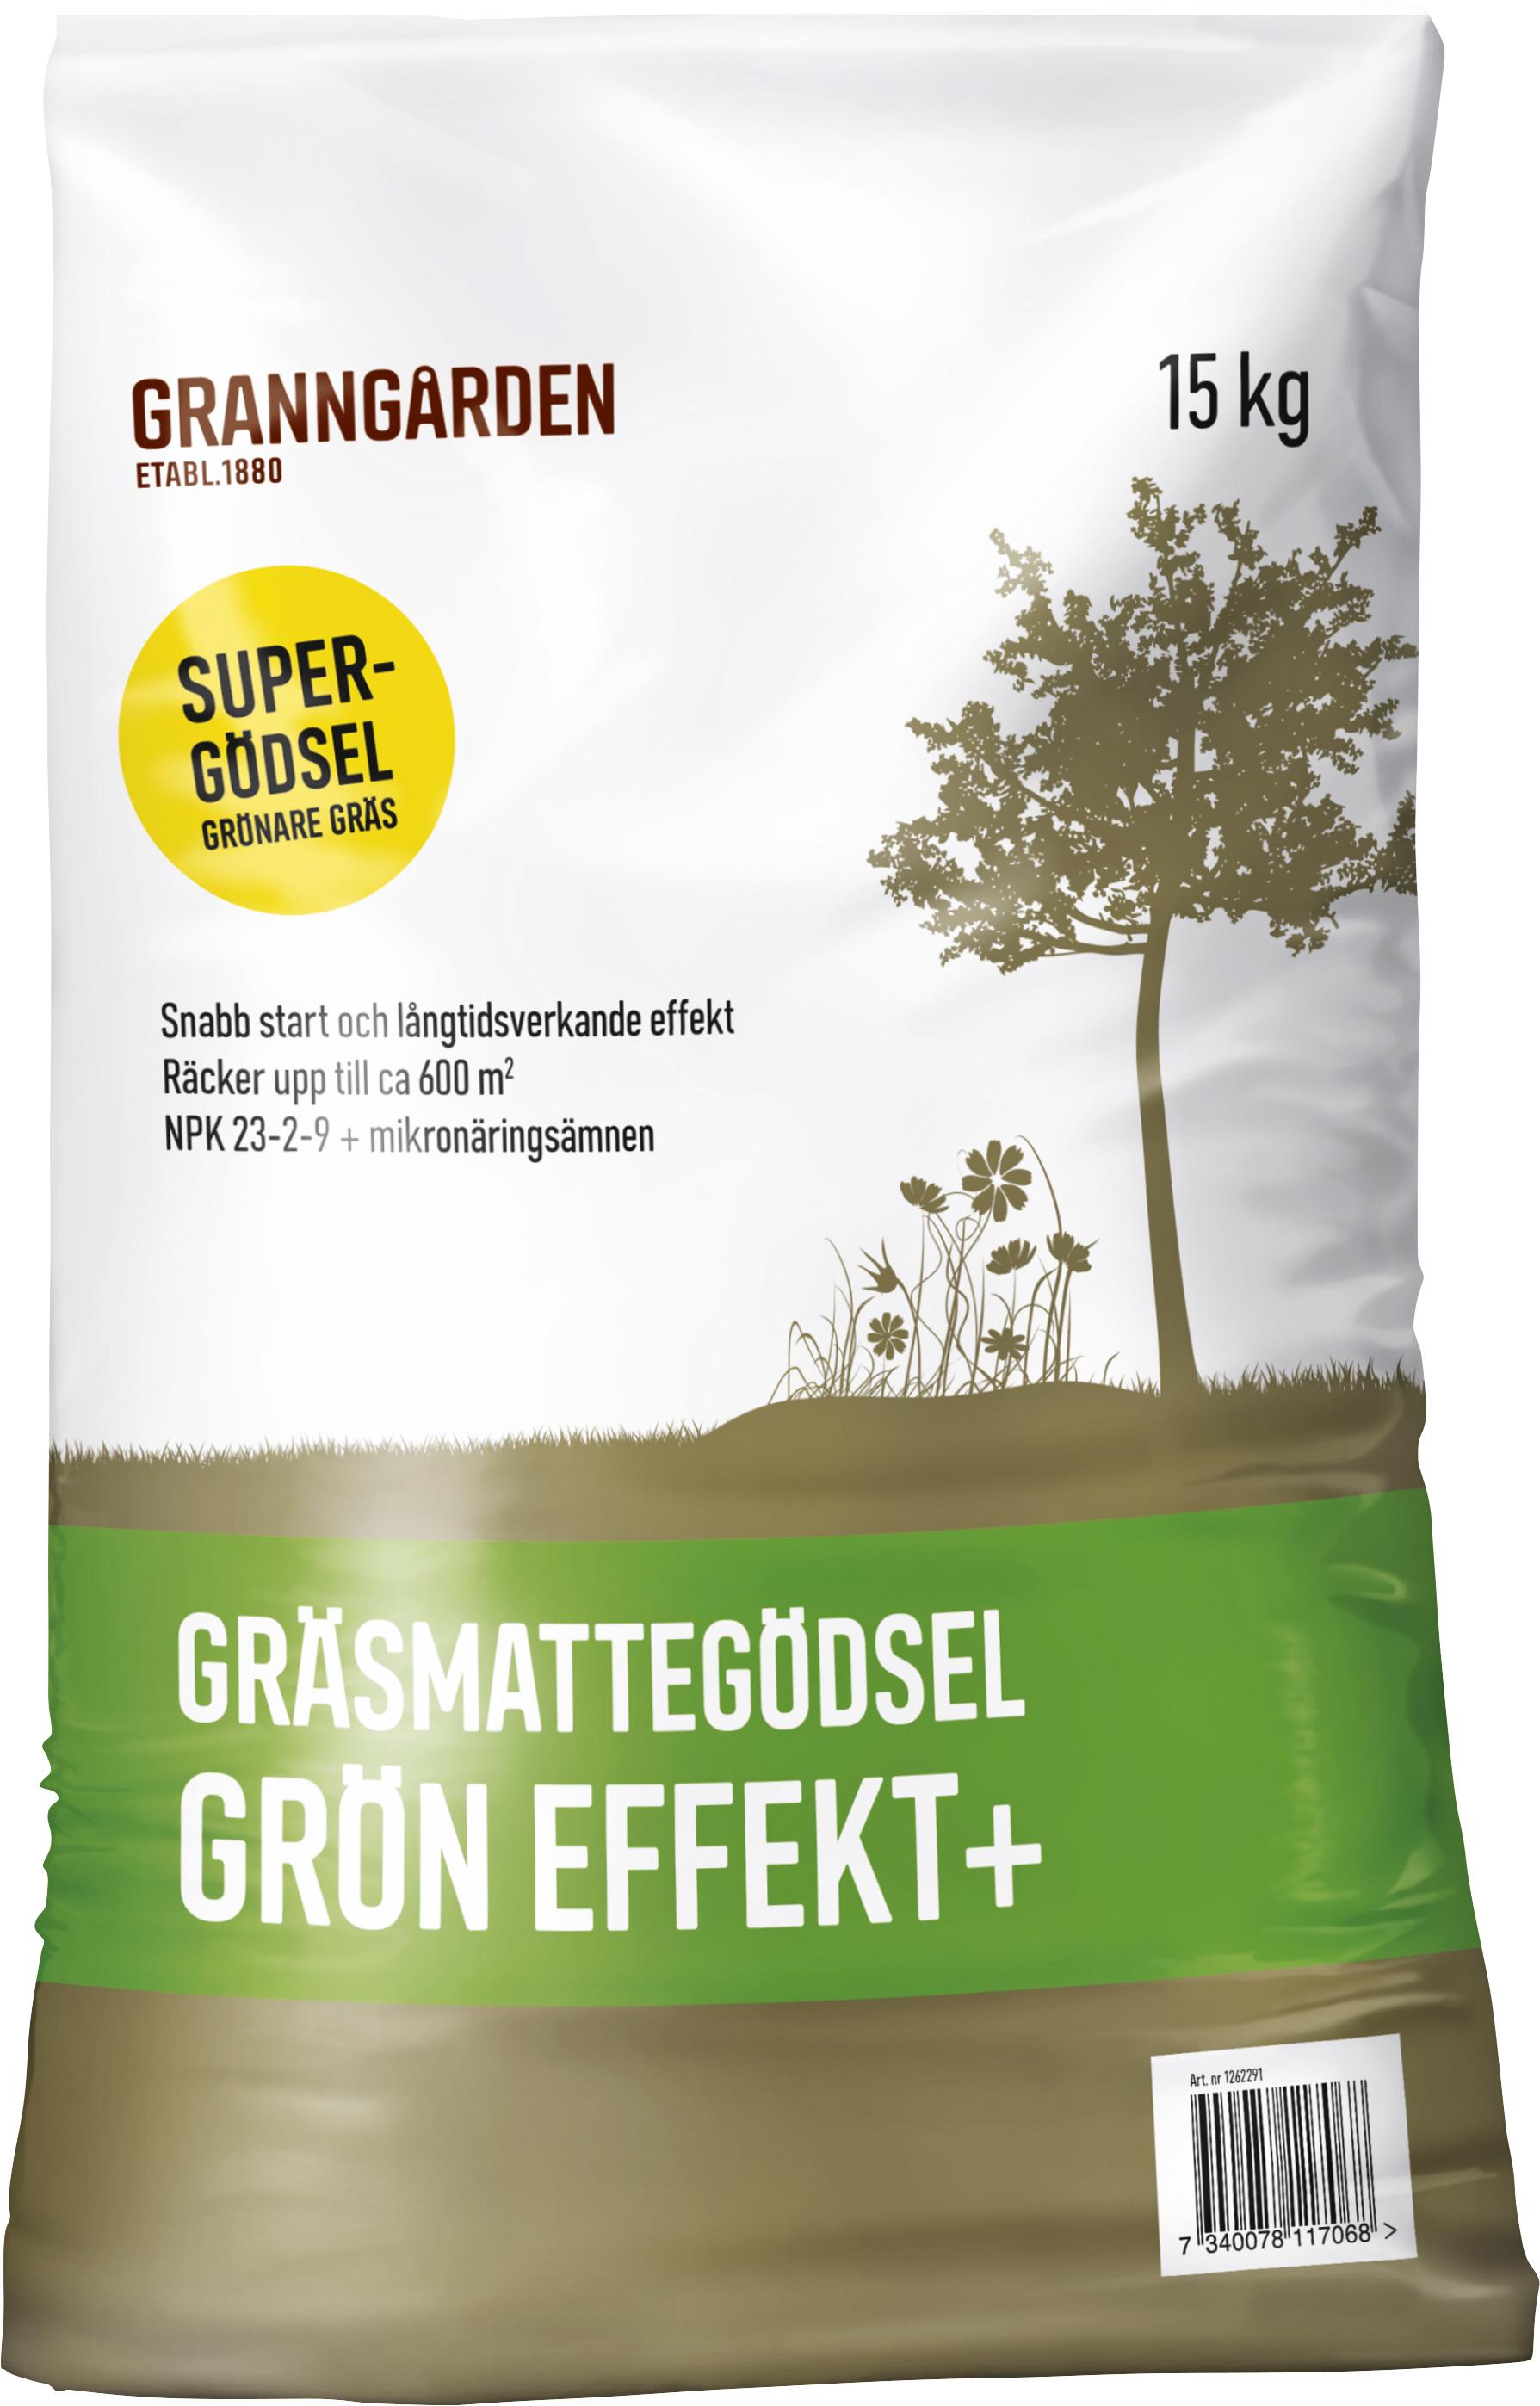 Gräsgödsel Granngården Grön Effekt+, 15 kg